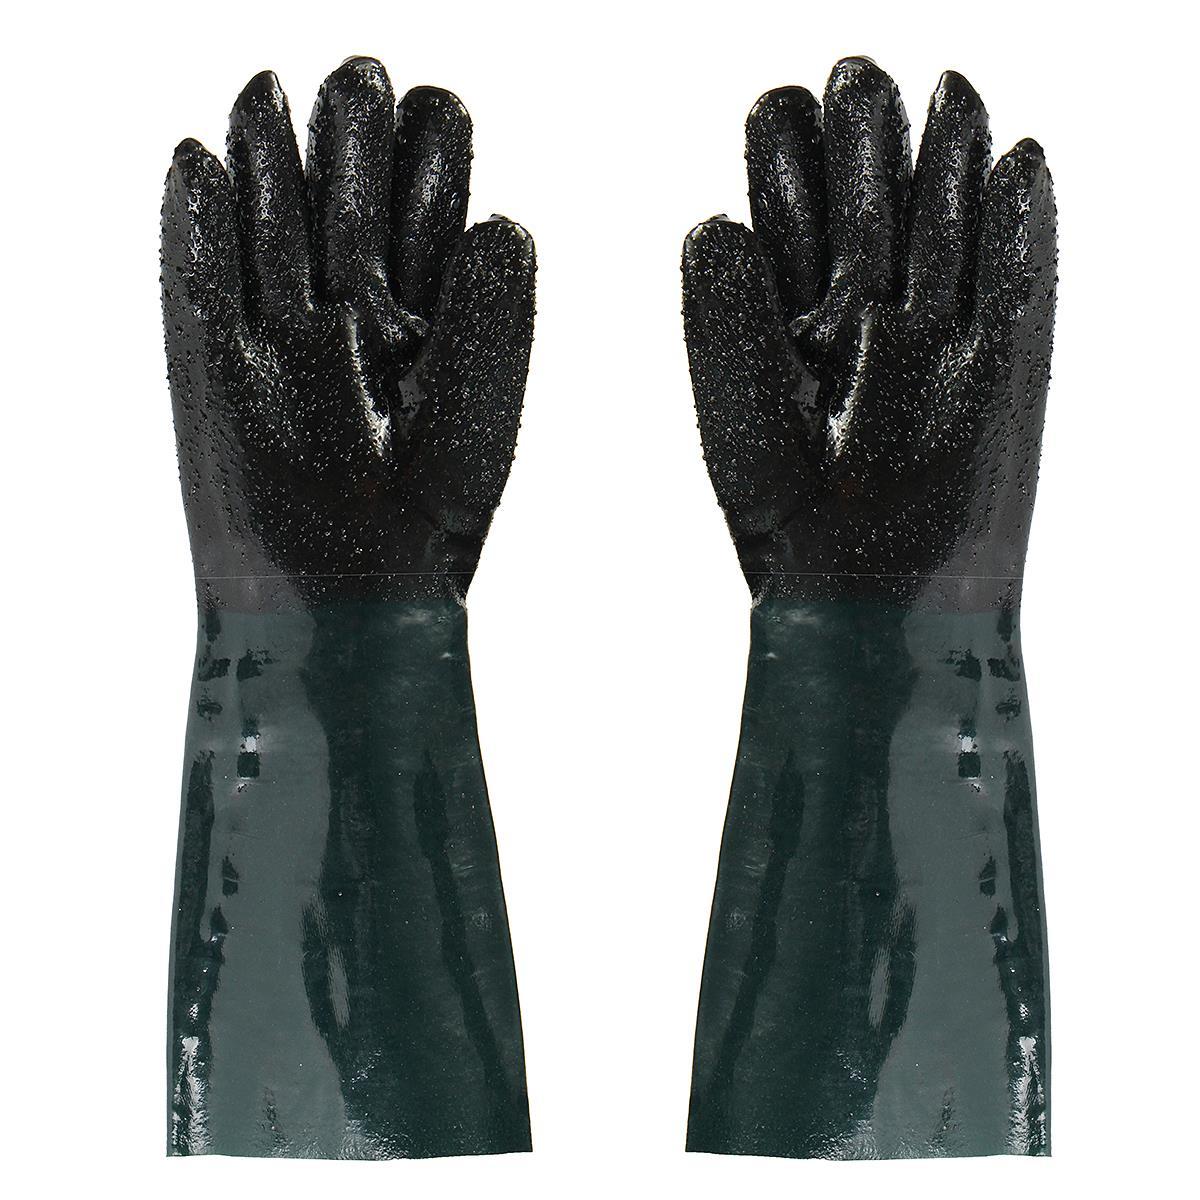 Nouveaux gants de sablage sableuse en caoutchouc de 48 CM pour les armoires de sablageNouveaux gants de sablage sableuse en caoutchouc de 48 CM pour les armoires de sablage